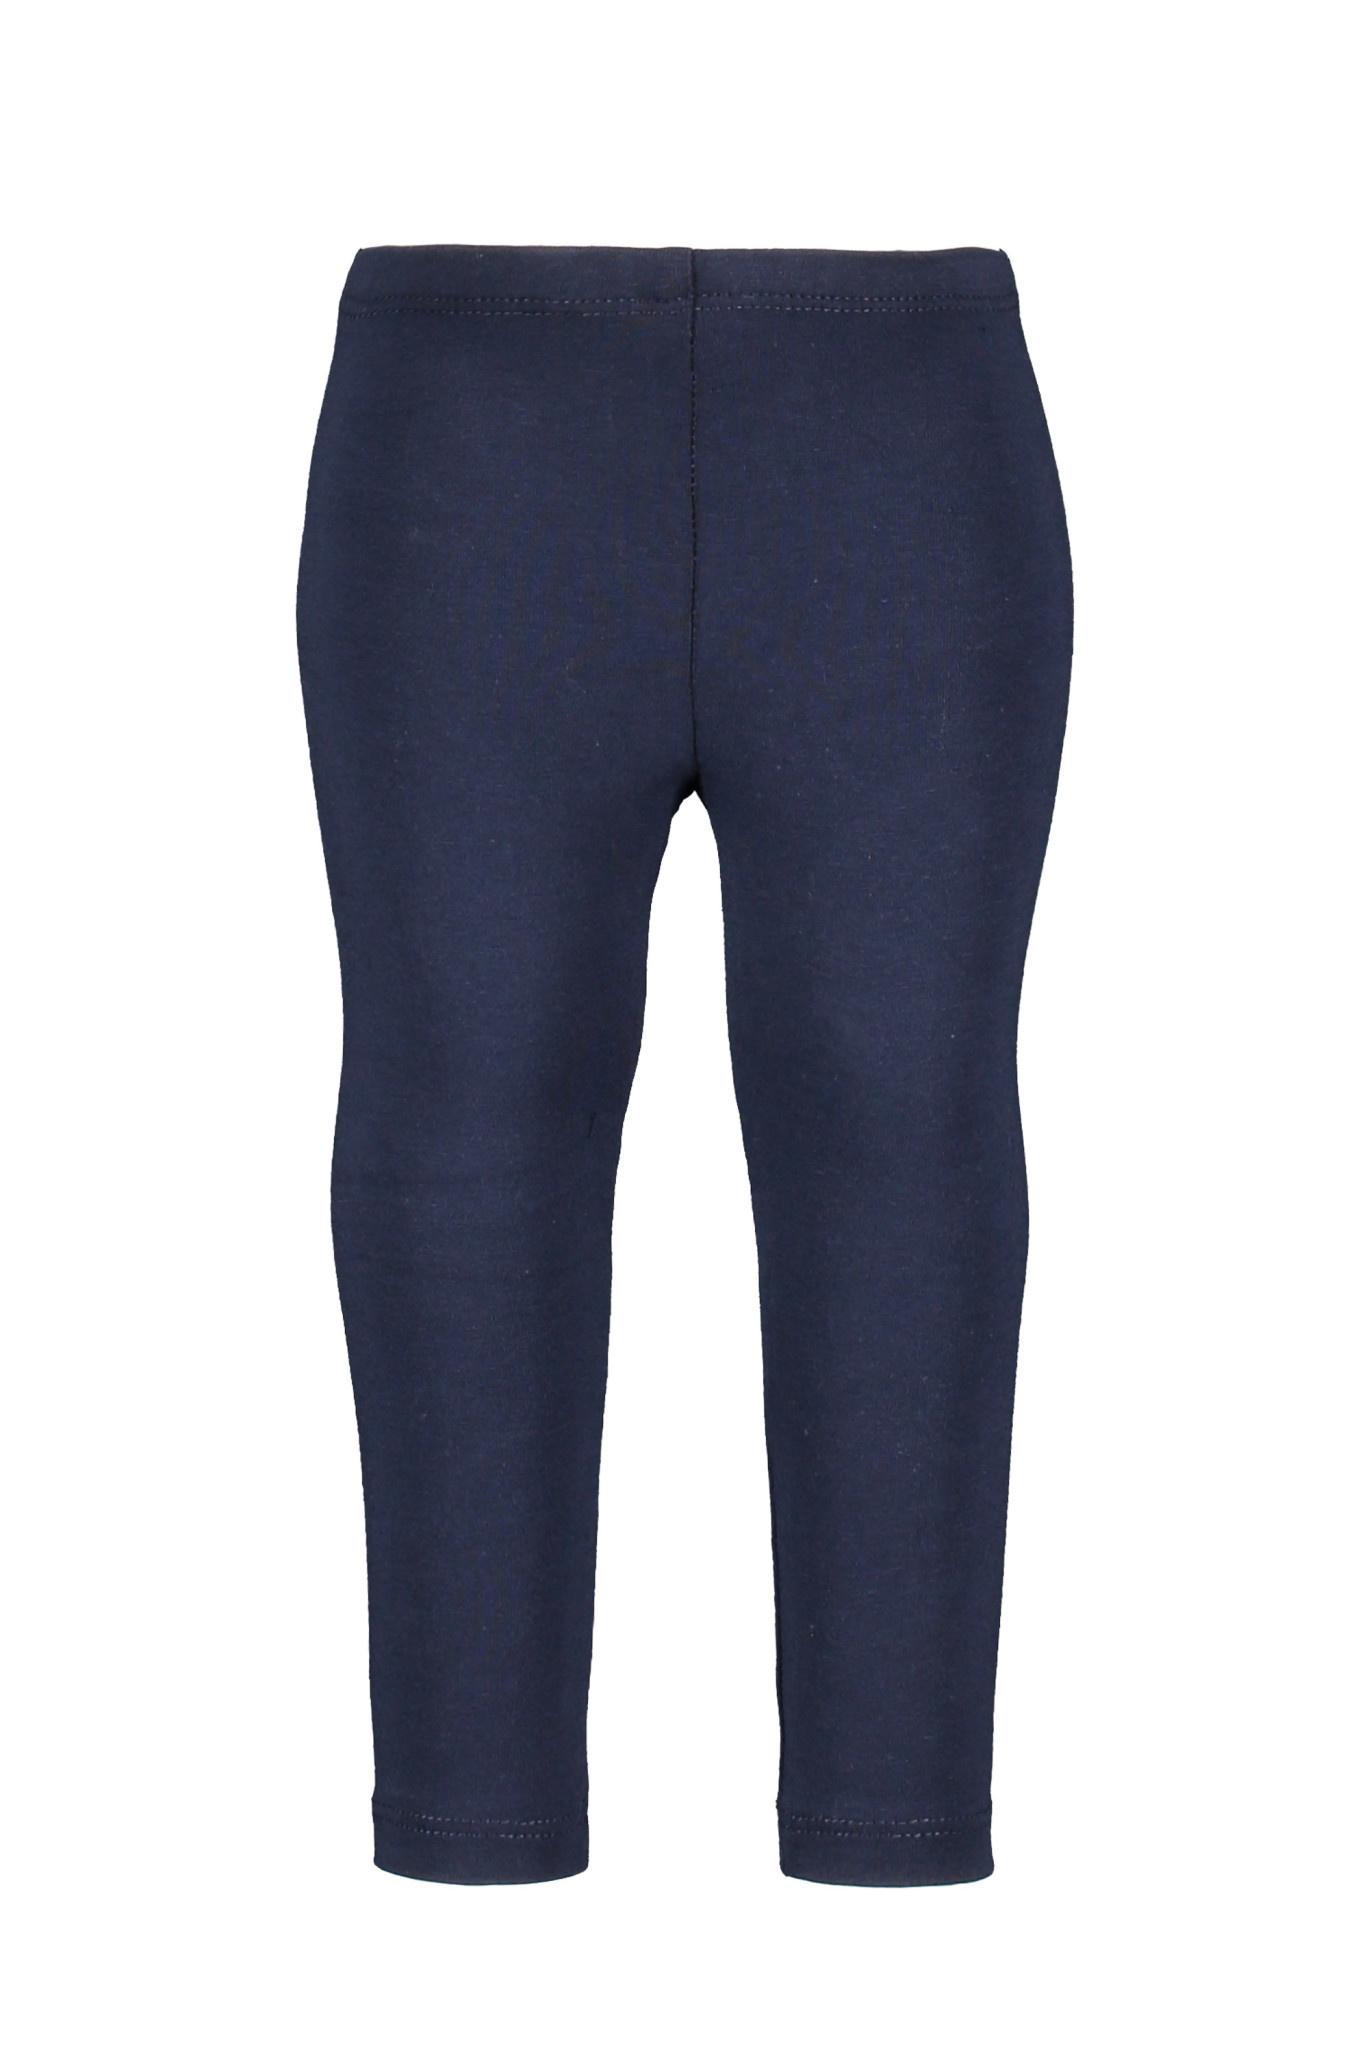 Legging  roze of blauw-1